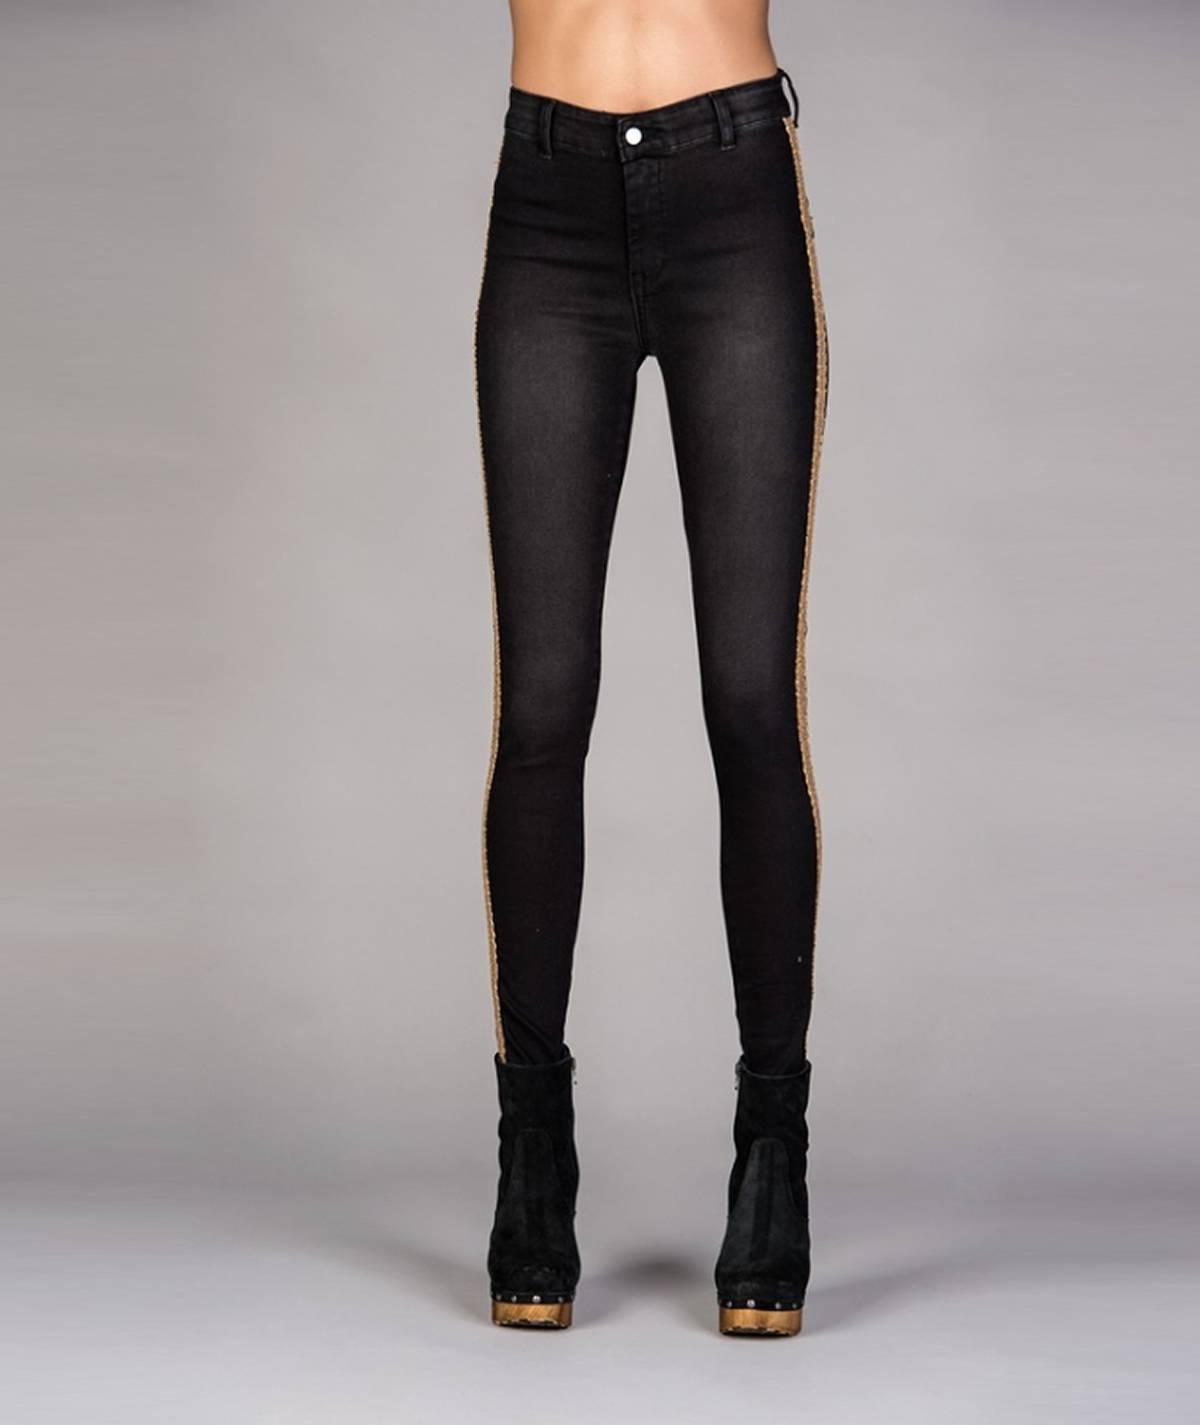 Calças pretas com aplicação...